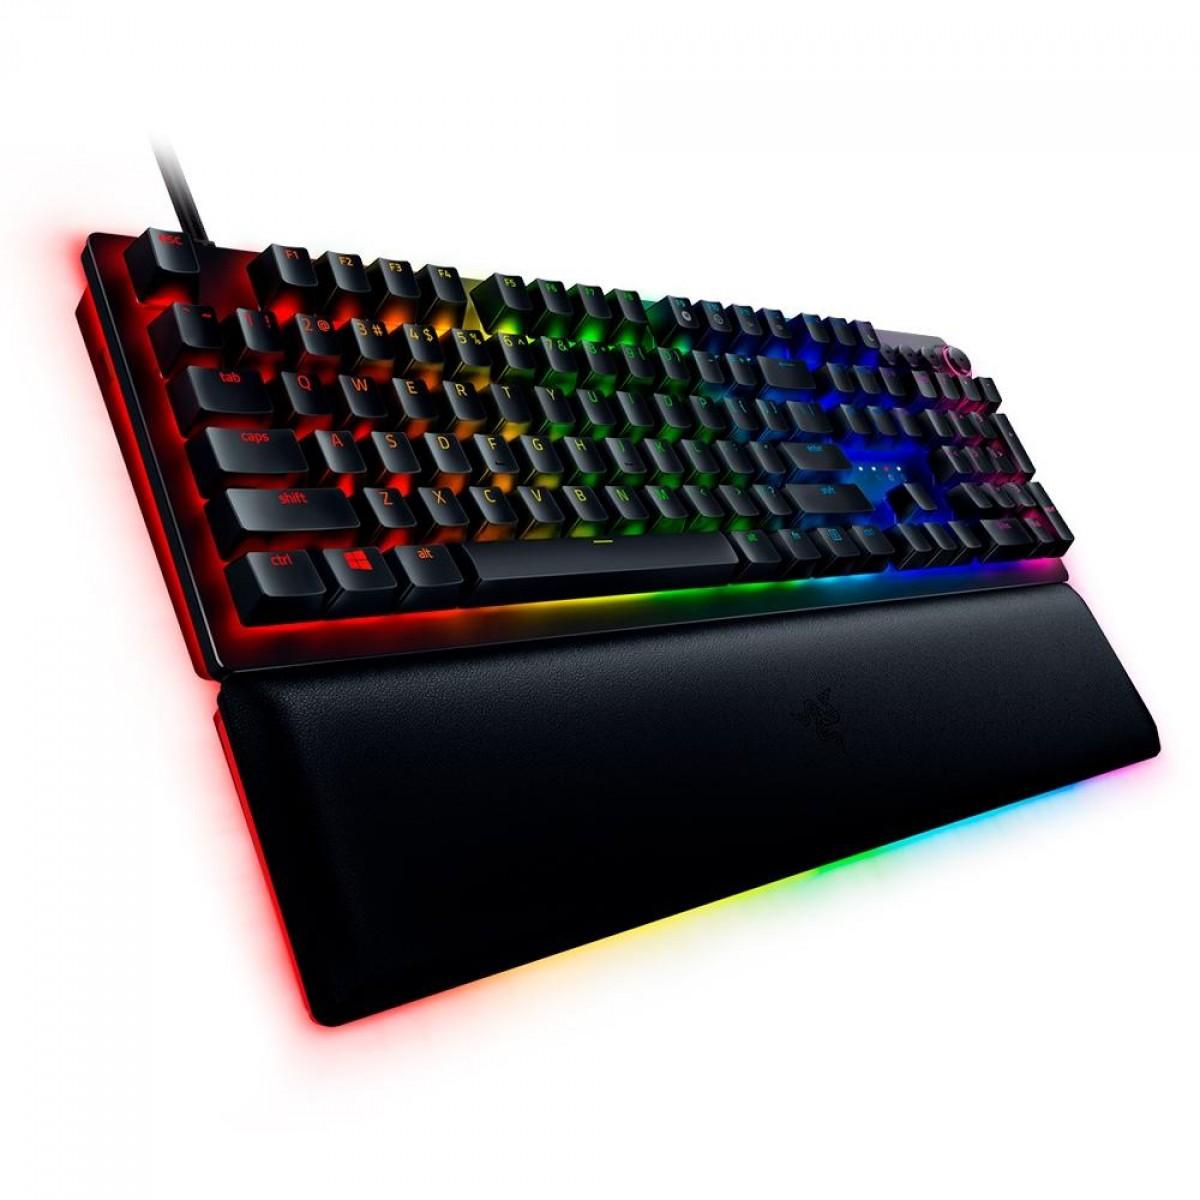 Teclado Óptico Gamer Razer Huntsman V2, Chroma RGB, Razer Switch Analog, US, RZ03-03610200-R3U1